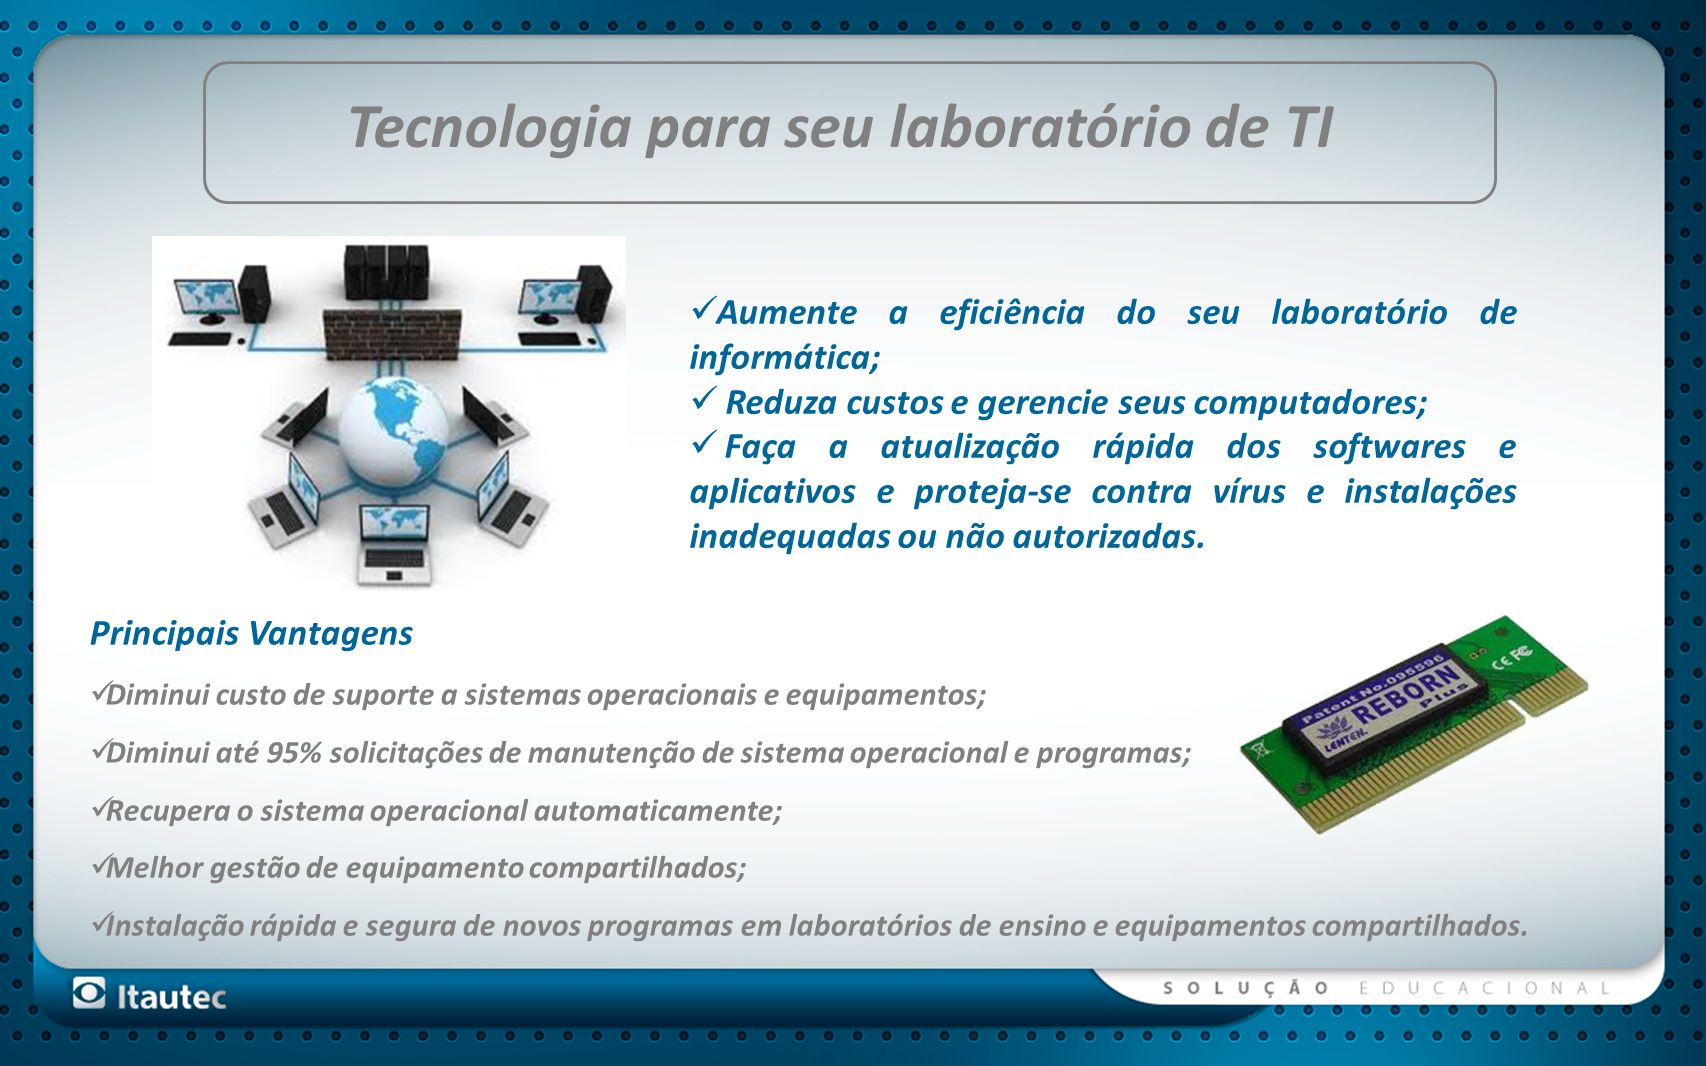 Tecnologia para seu laboratório de TI